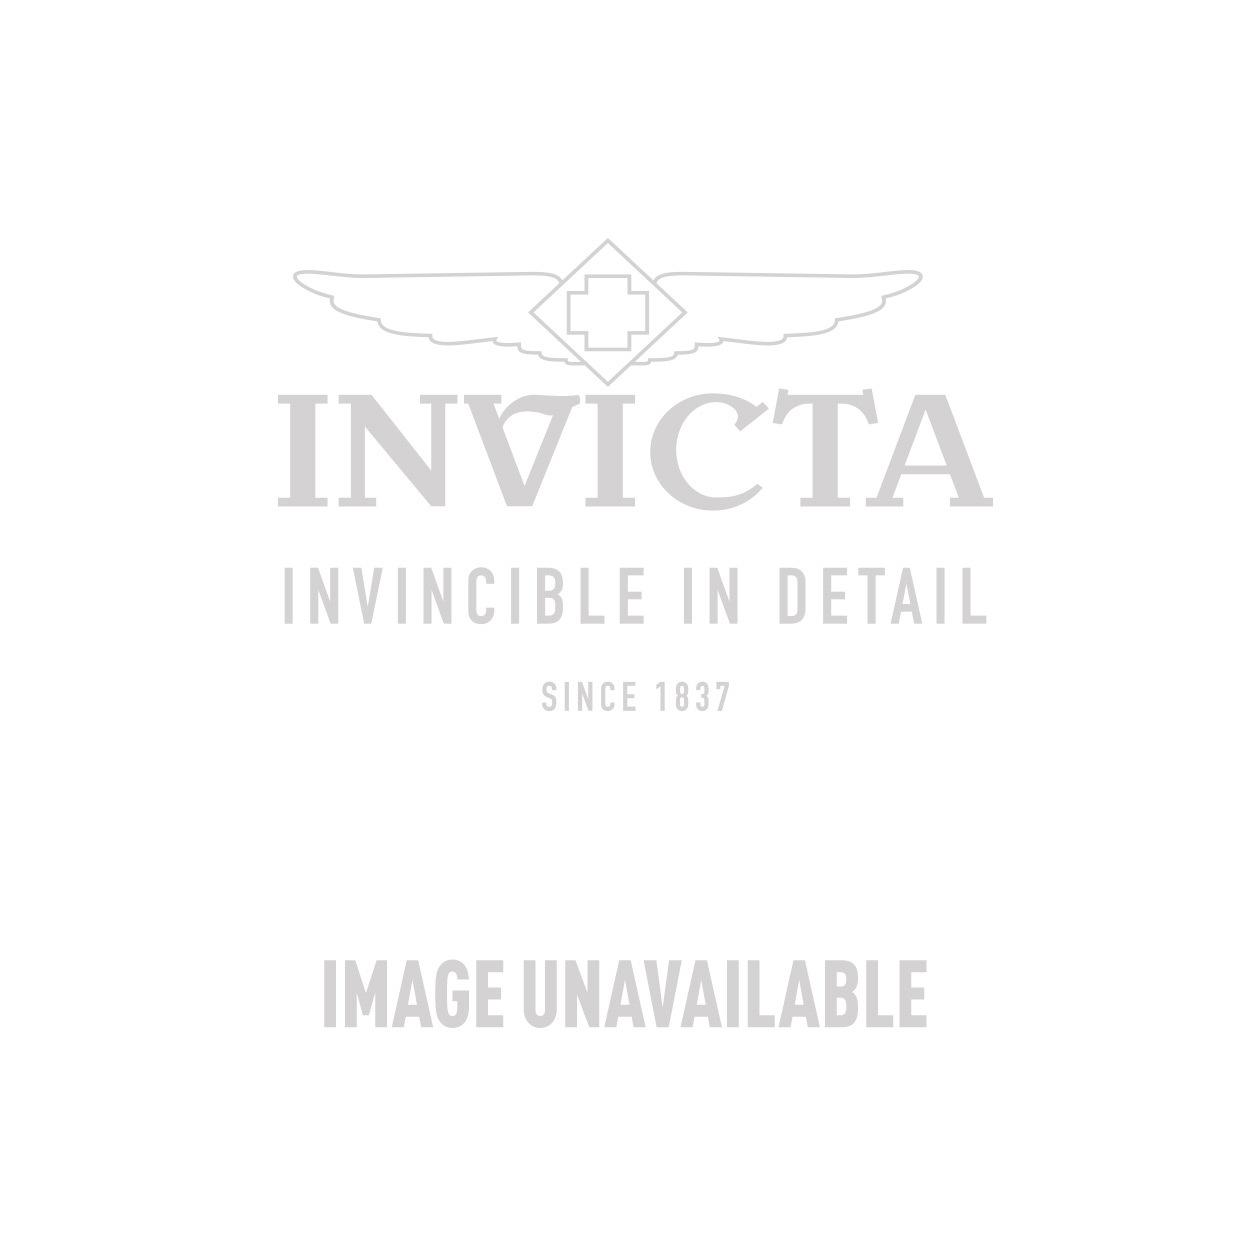 Invicta Model  SC0410